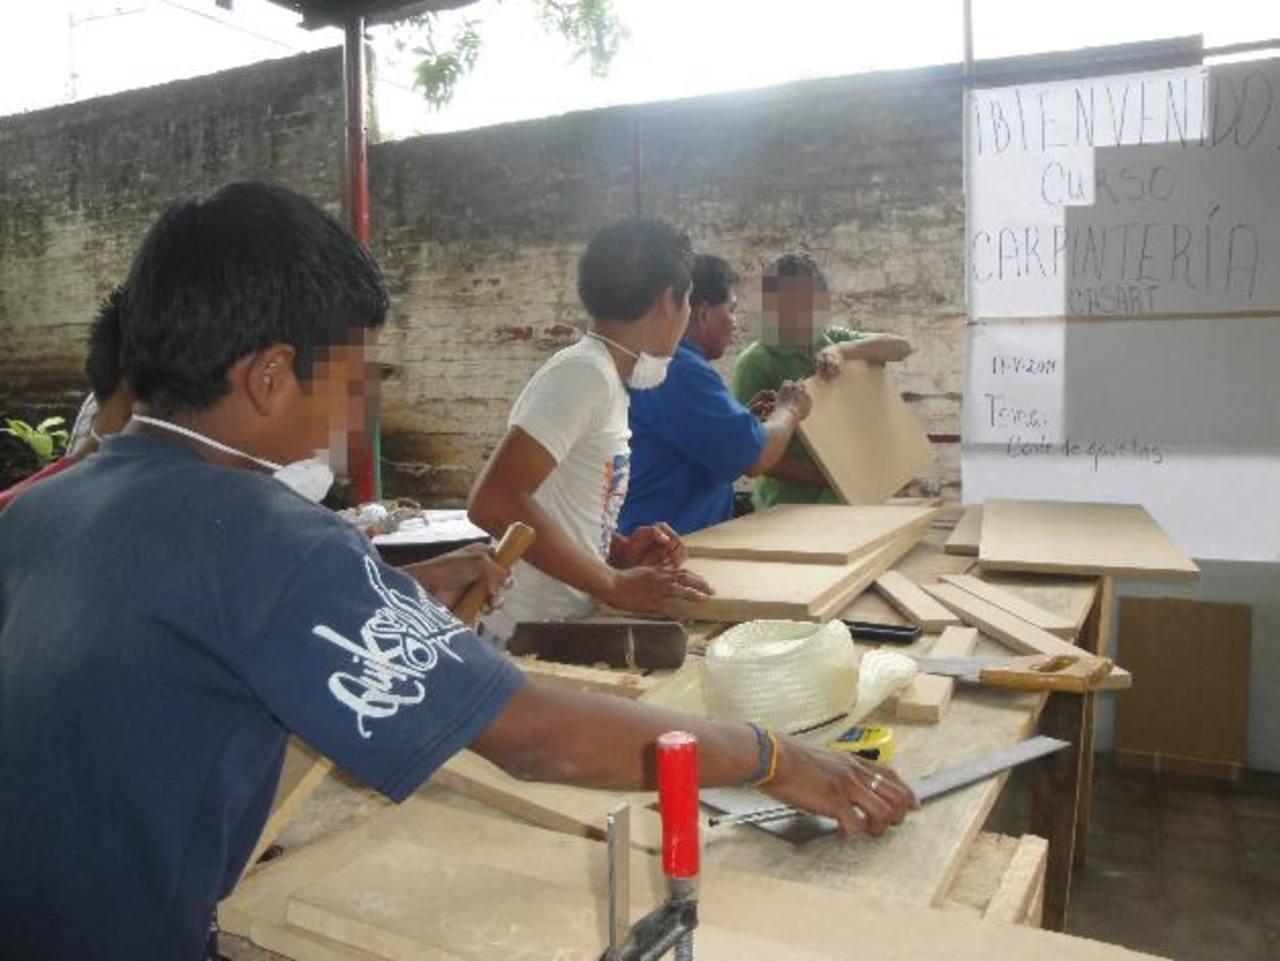 Uno de los programas de prevención de la violencia entre los jóvenes es SolucionES que busca eliminar los factores de riesgo con oportunidades de superación y de empleos. fotO EDH /ARCHIVO